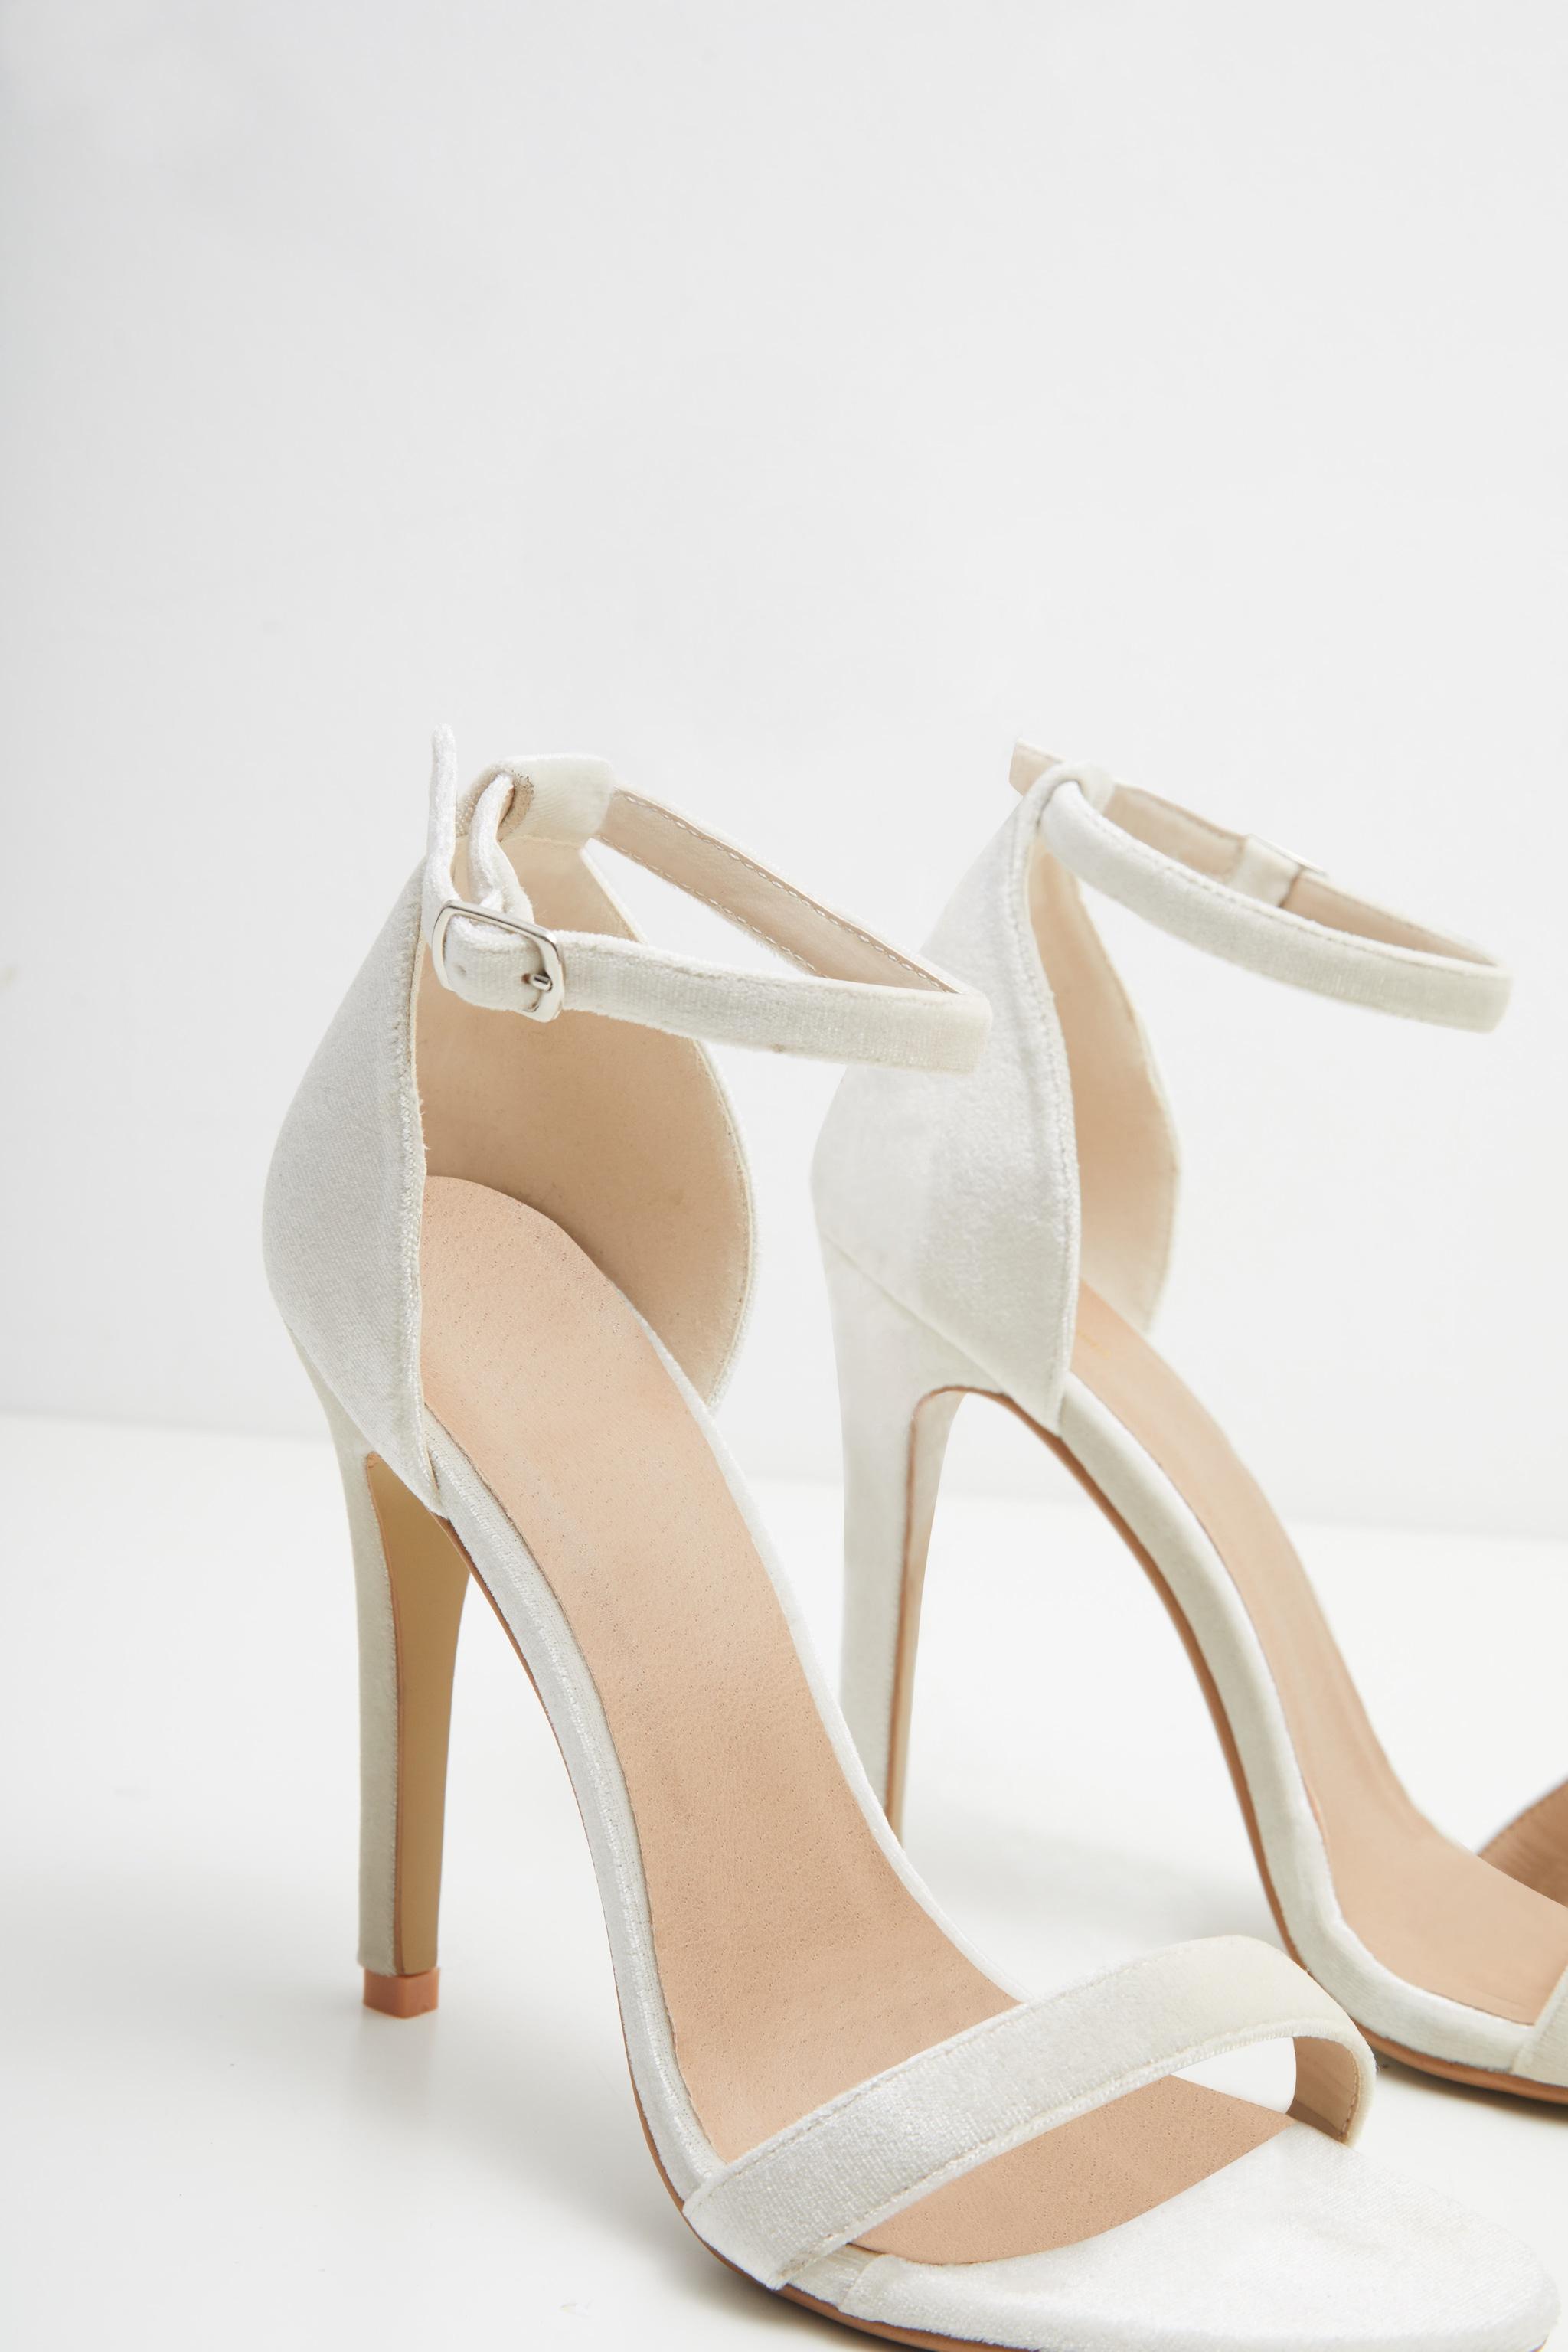 Clover Nude Velvet High Heel 3